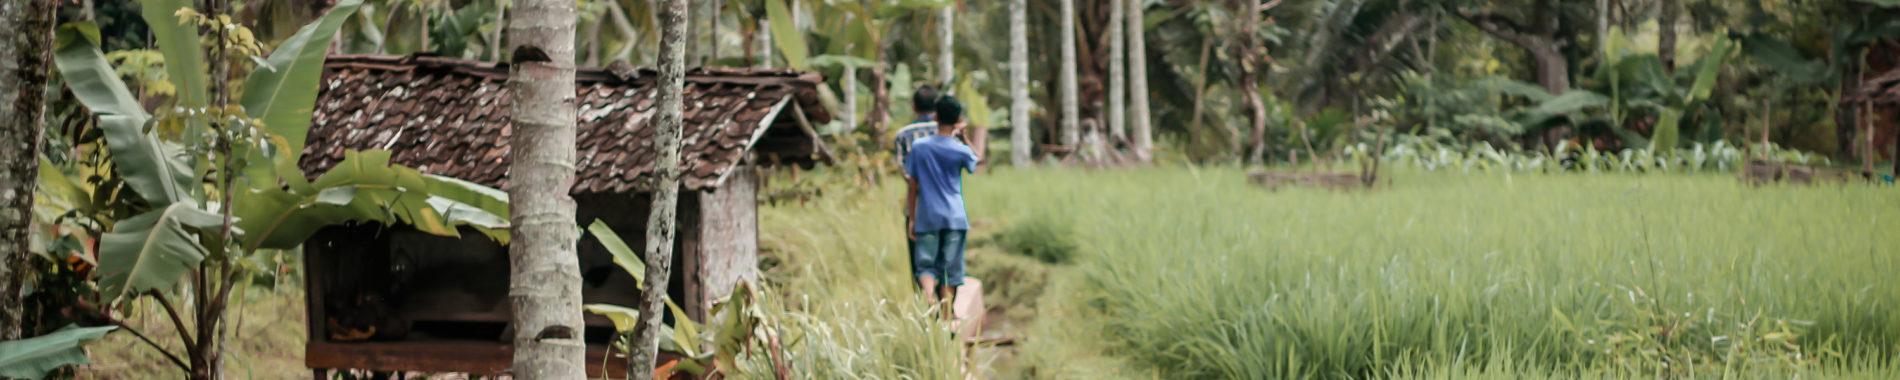 Projets action missionnaire, paysage asiatique